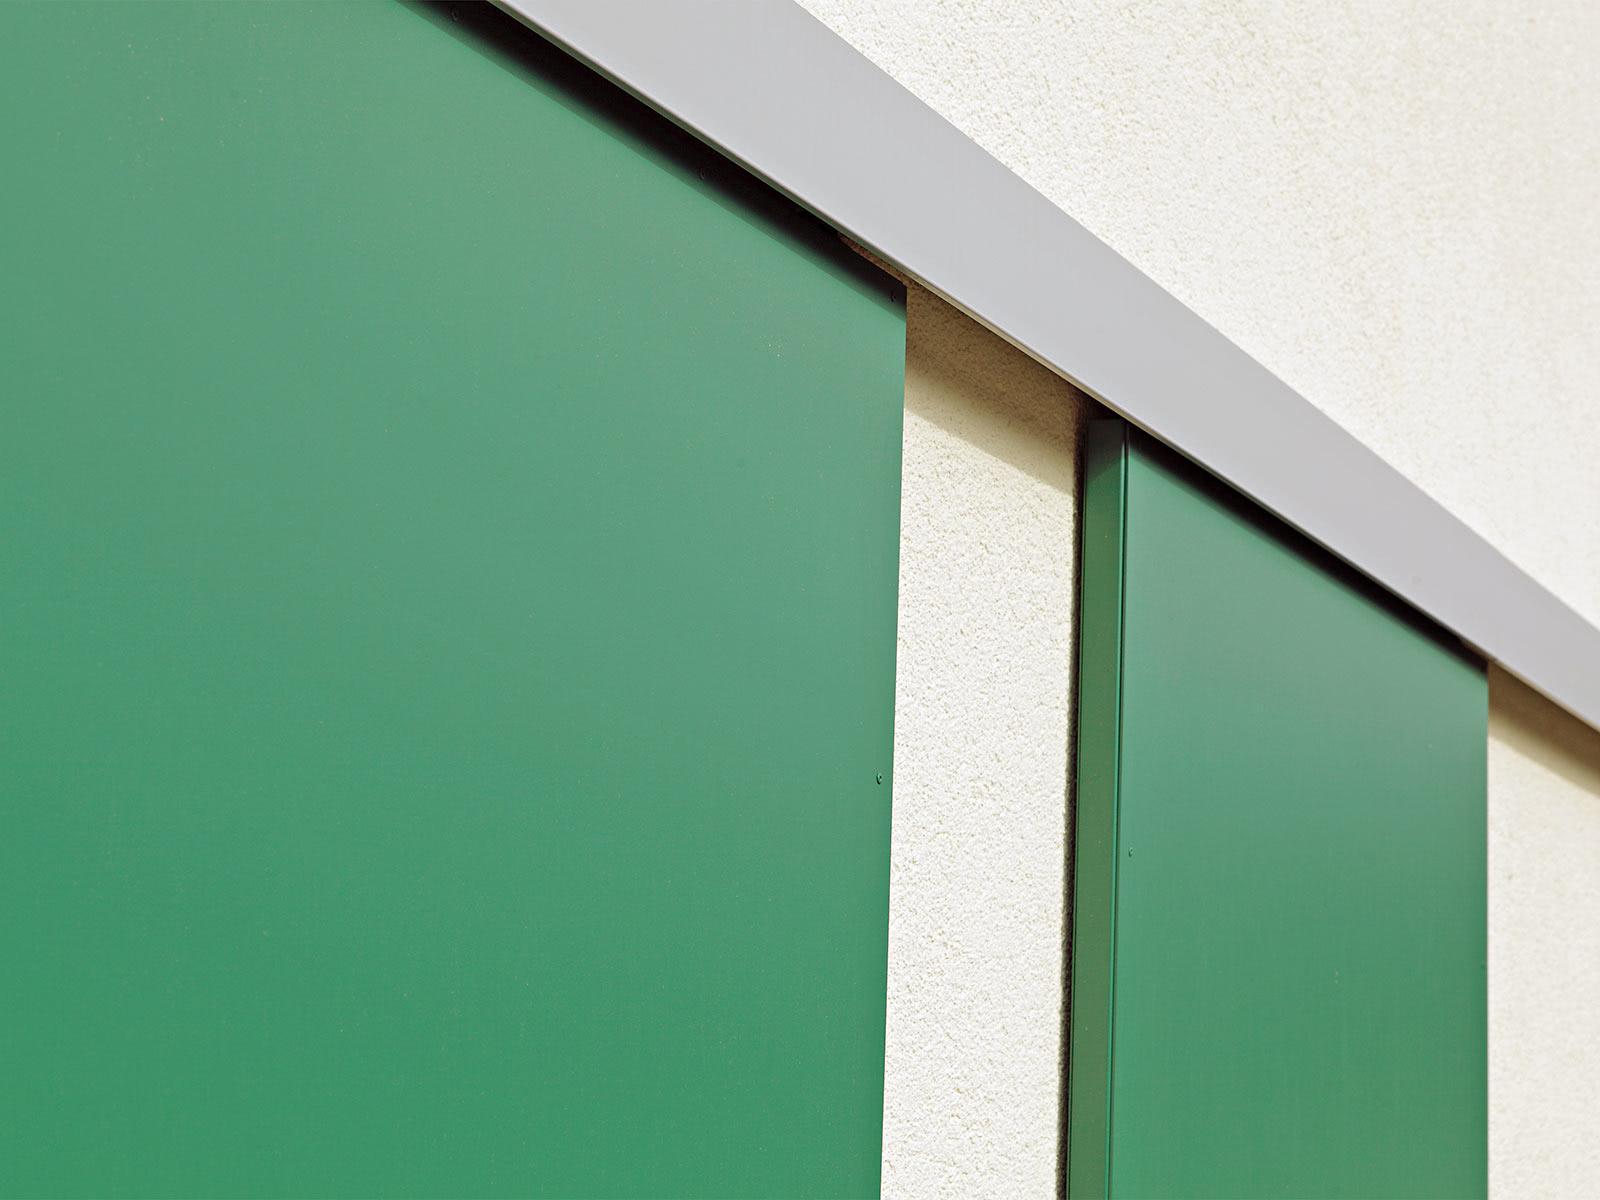 Full Size of Schallisolierte Schiebelden Fenster Mit Rolladenkasten Plissee Jalousie Kunststoff Putzen Einbauen Austauschen Bodentief Einbruchsicherung Alte Kaufen Weru Fenster Fenster Schallschutz